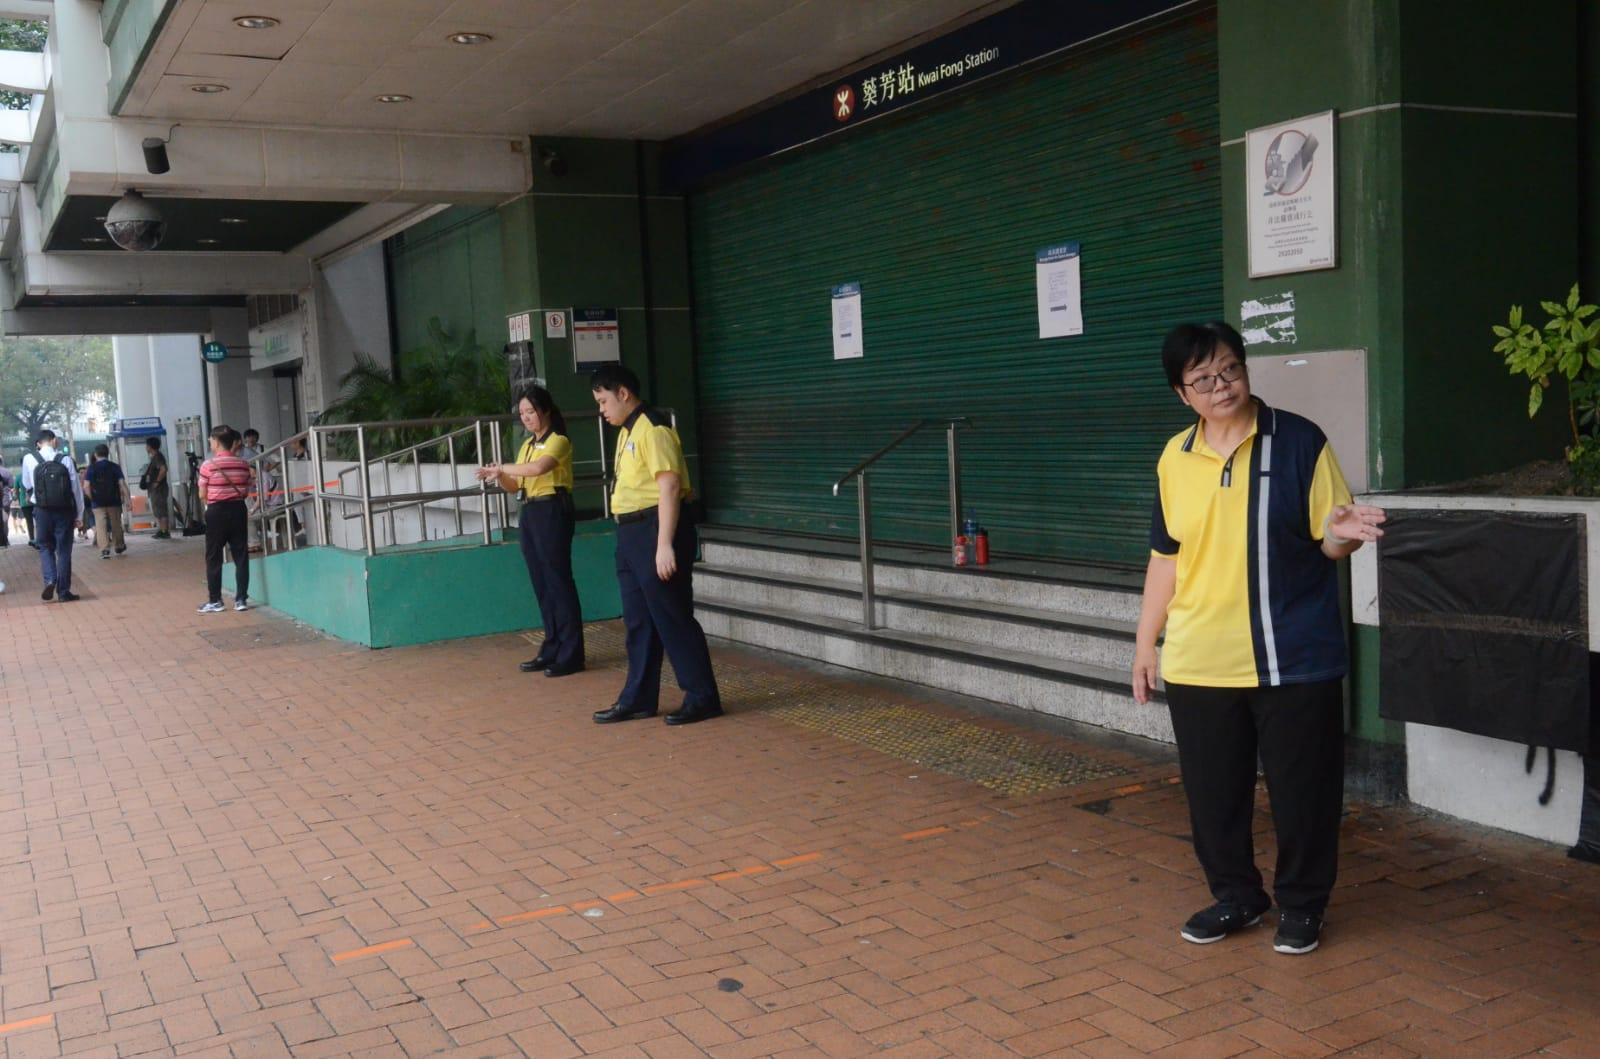 今早葵芳站A及D出入口要關閉。